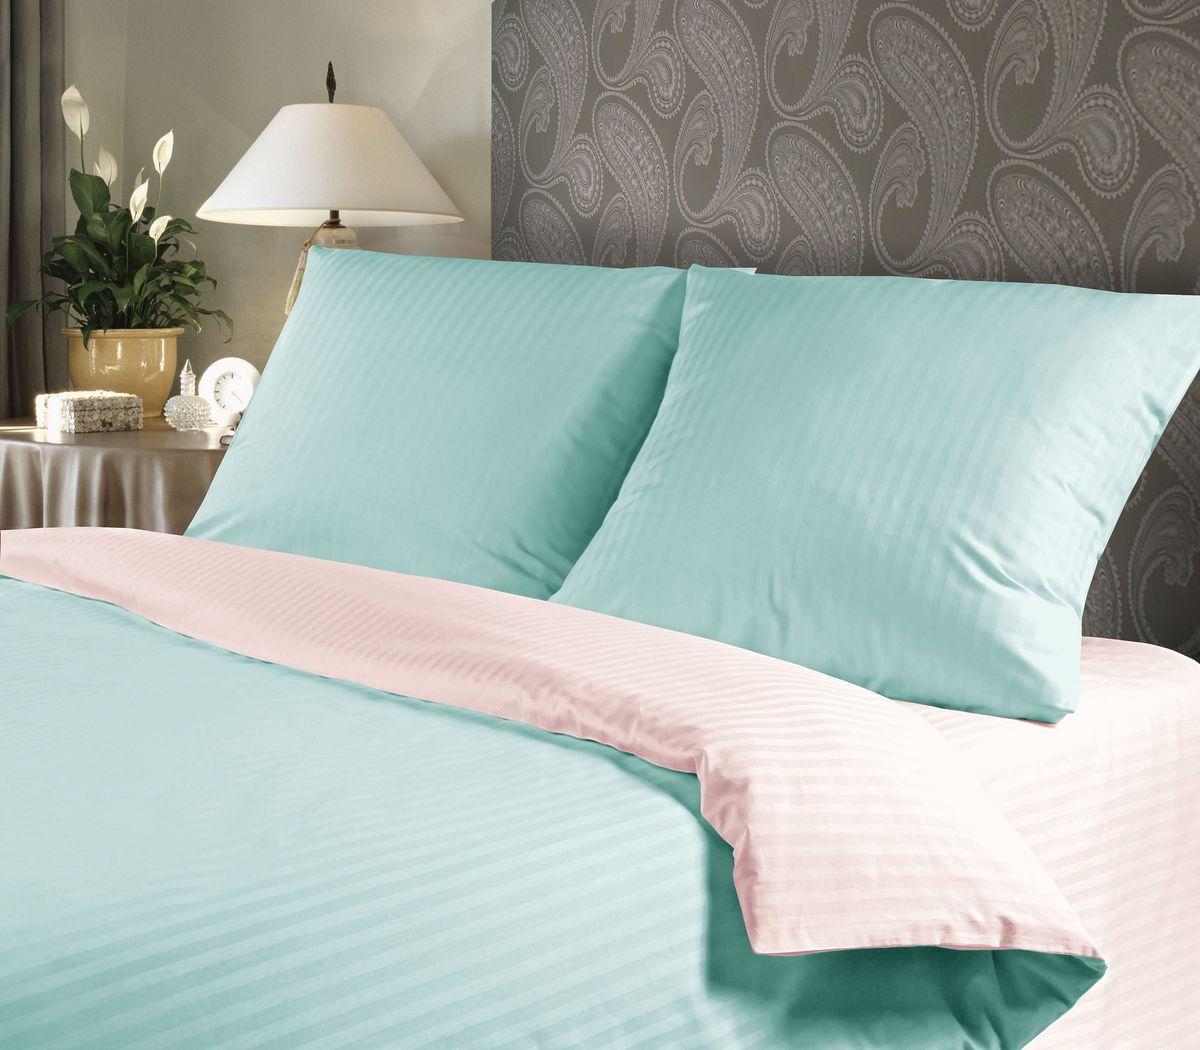 Комплект белья Verossa Sunset, 1,5-спальный, наволочки 50х70711211Комплект постельного белья включает в себя четыре предмета: простыню, пододеяльник и две наволочки, выполненные из страйп-сатина.Страйп-сатин - одна из разновидностей жаккардового сатина. Это ткань, плетение которой представляет собой чередующиеся полосы, отсюда и название материала: в переводе с английского stripe и есть полоска. Размер пододеяльника: 148 x 215 см.Размер простыни: 180 x 215 см.Размер наволочек: 50 x 70 см.